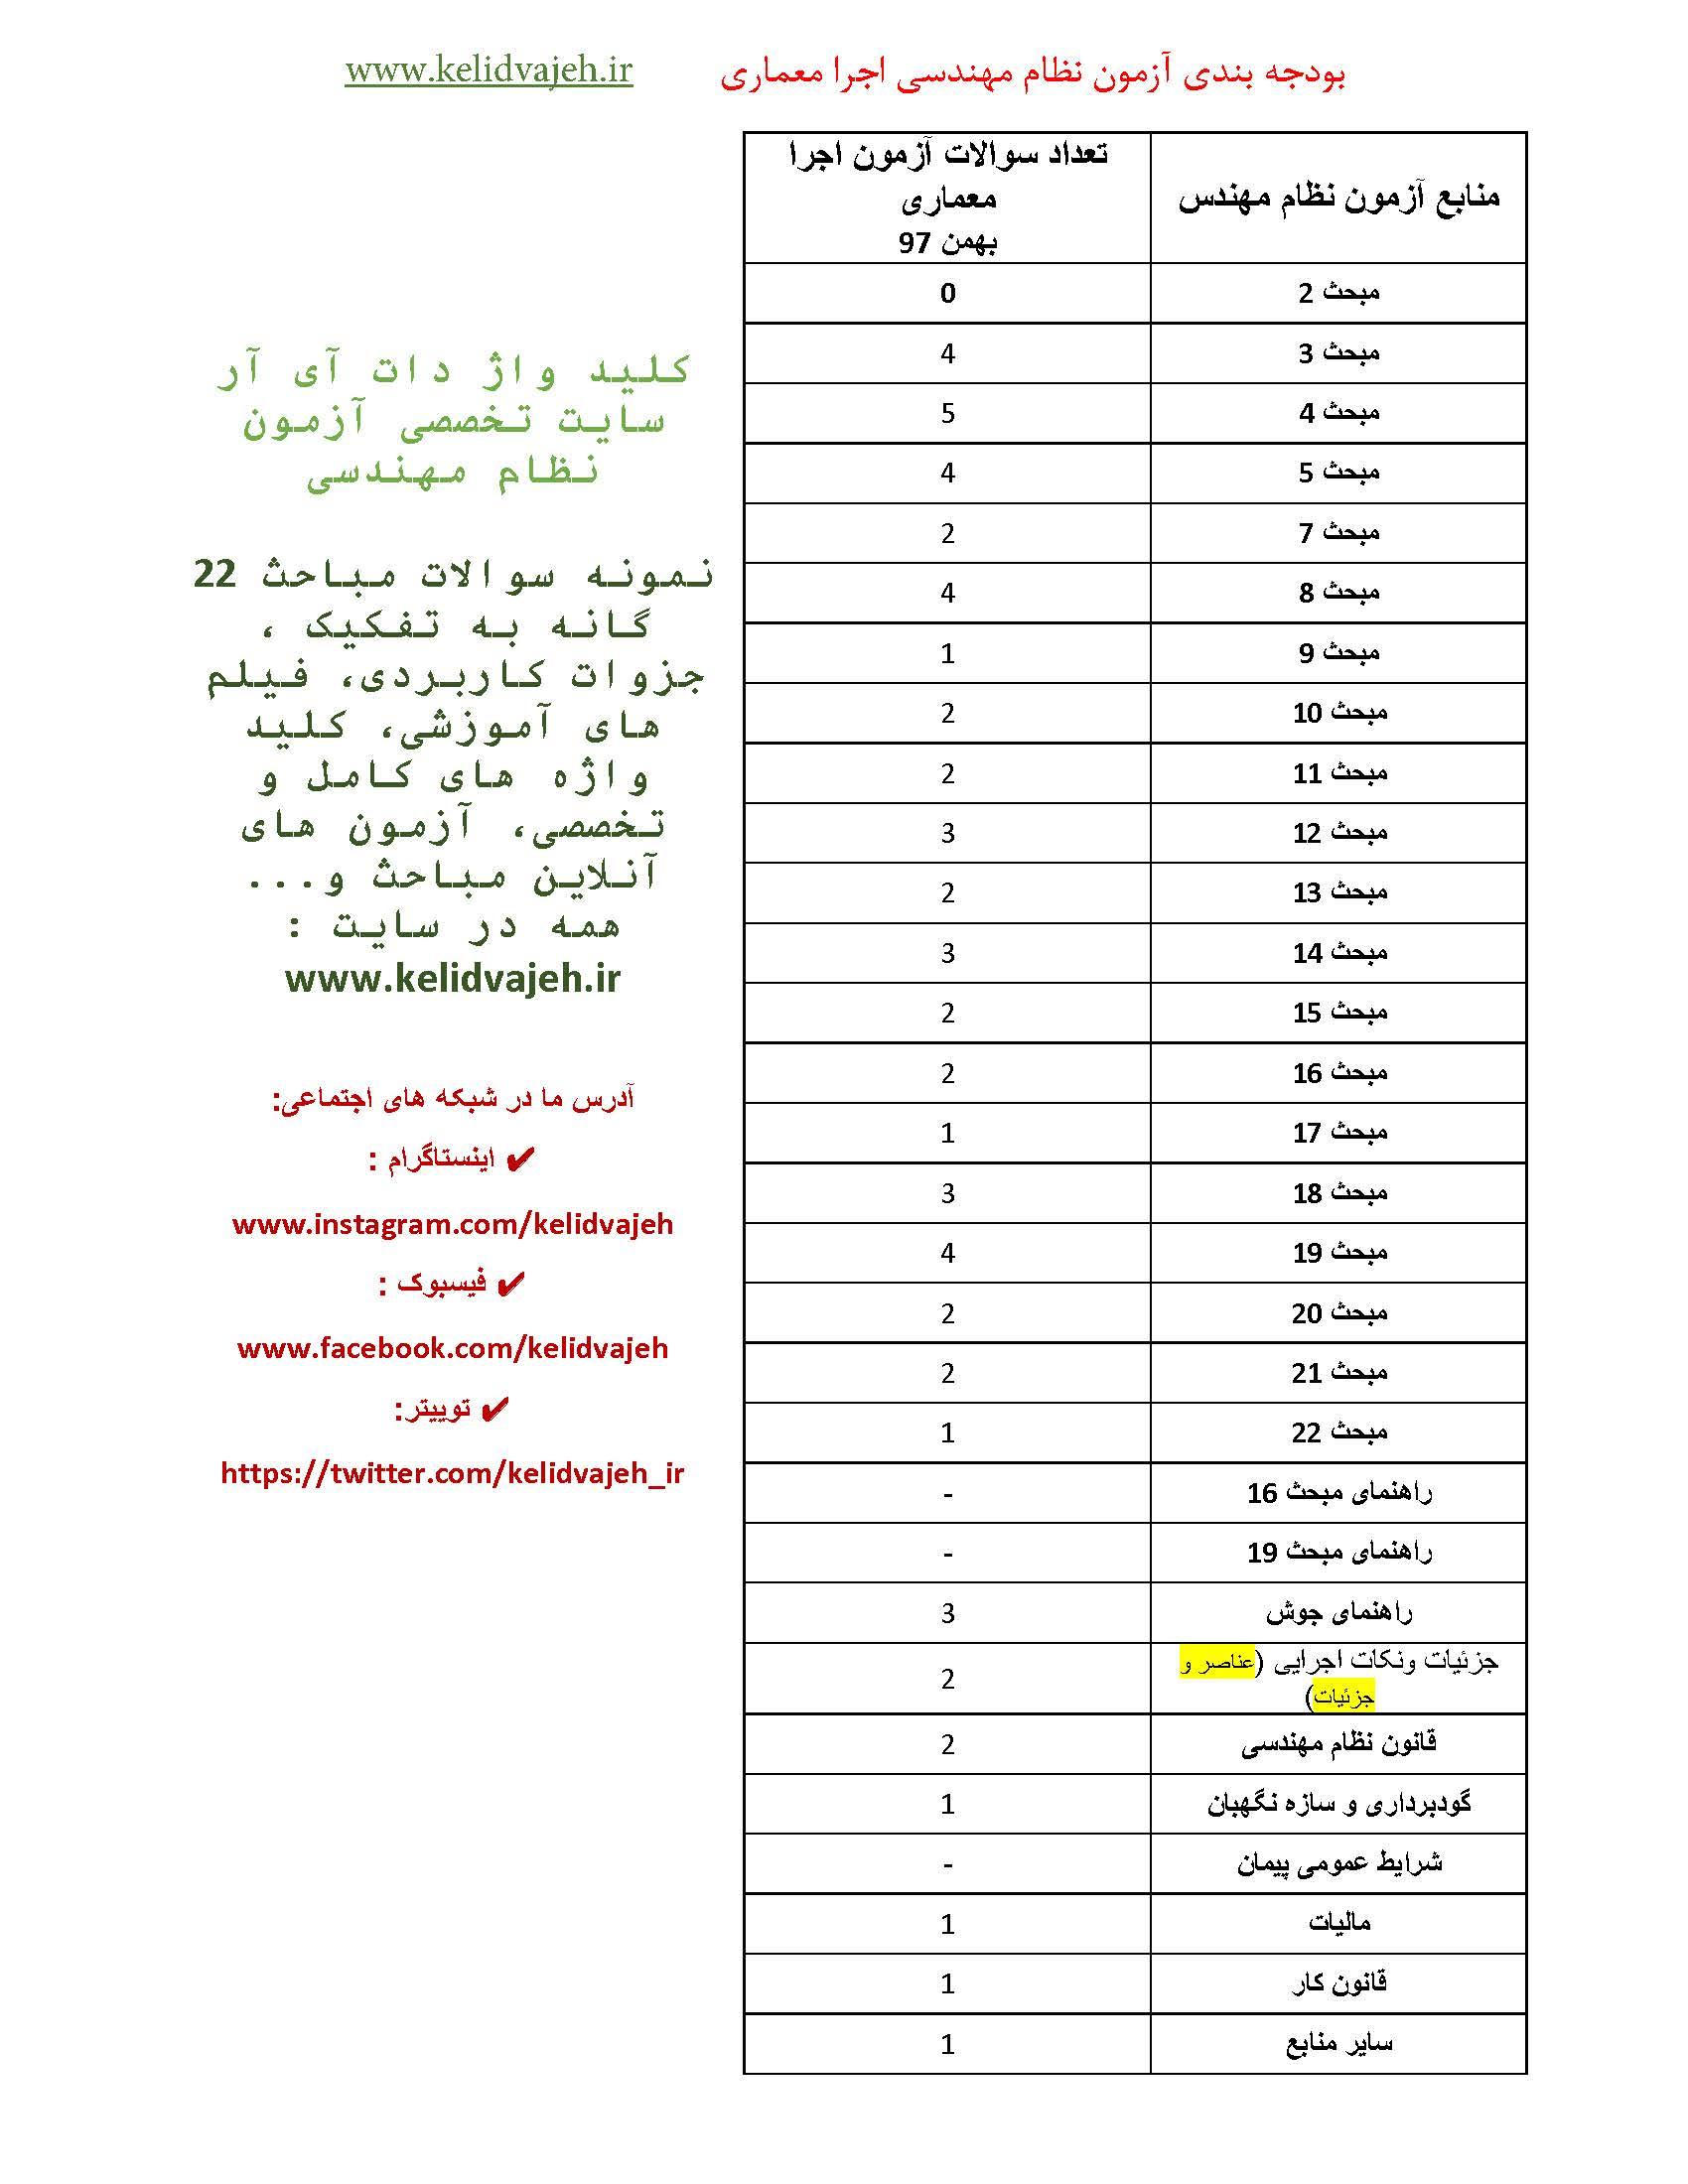 بودجه بندی سوالات آزمون نظام مهندسی معماری اجرا بهمن ۹۷ (تحلیل سوالات)